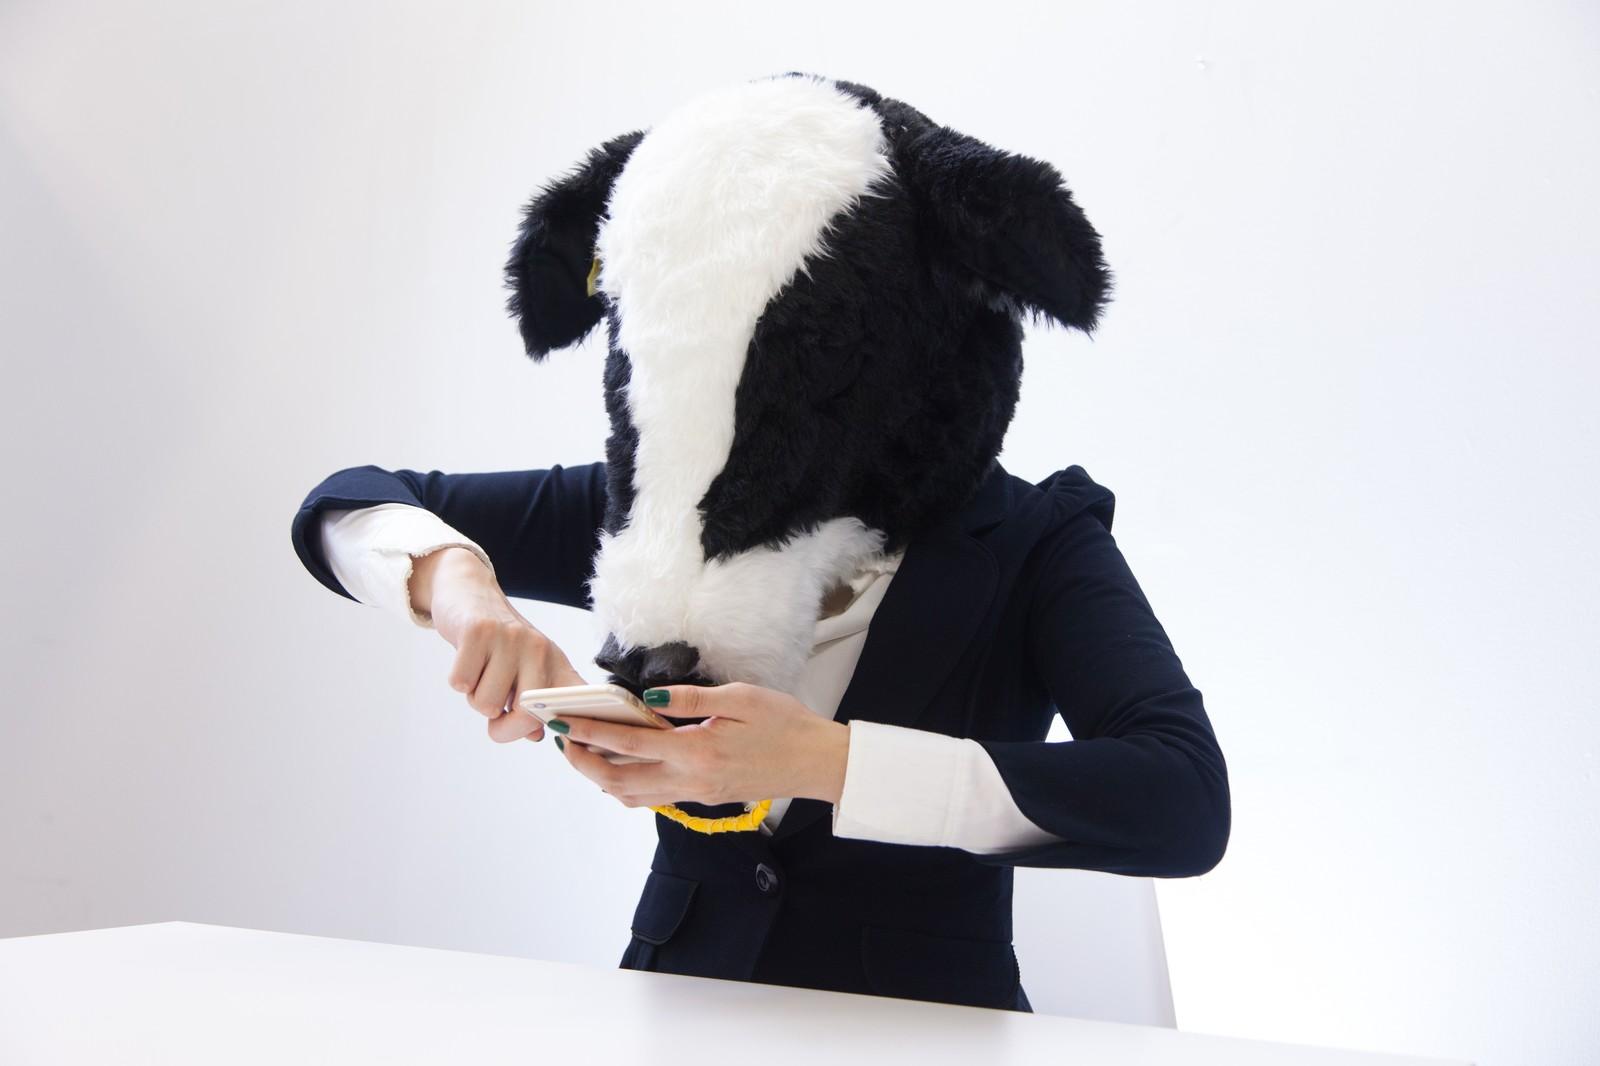 ソシャゲに勤しむ牛